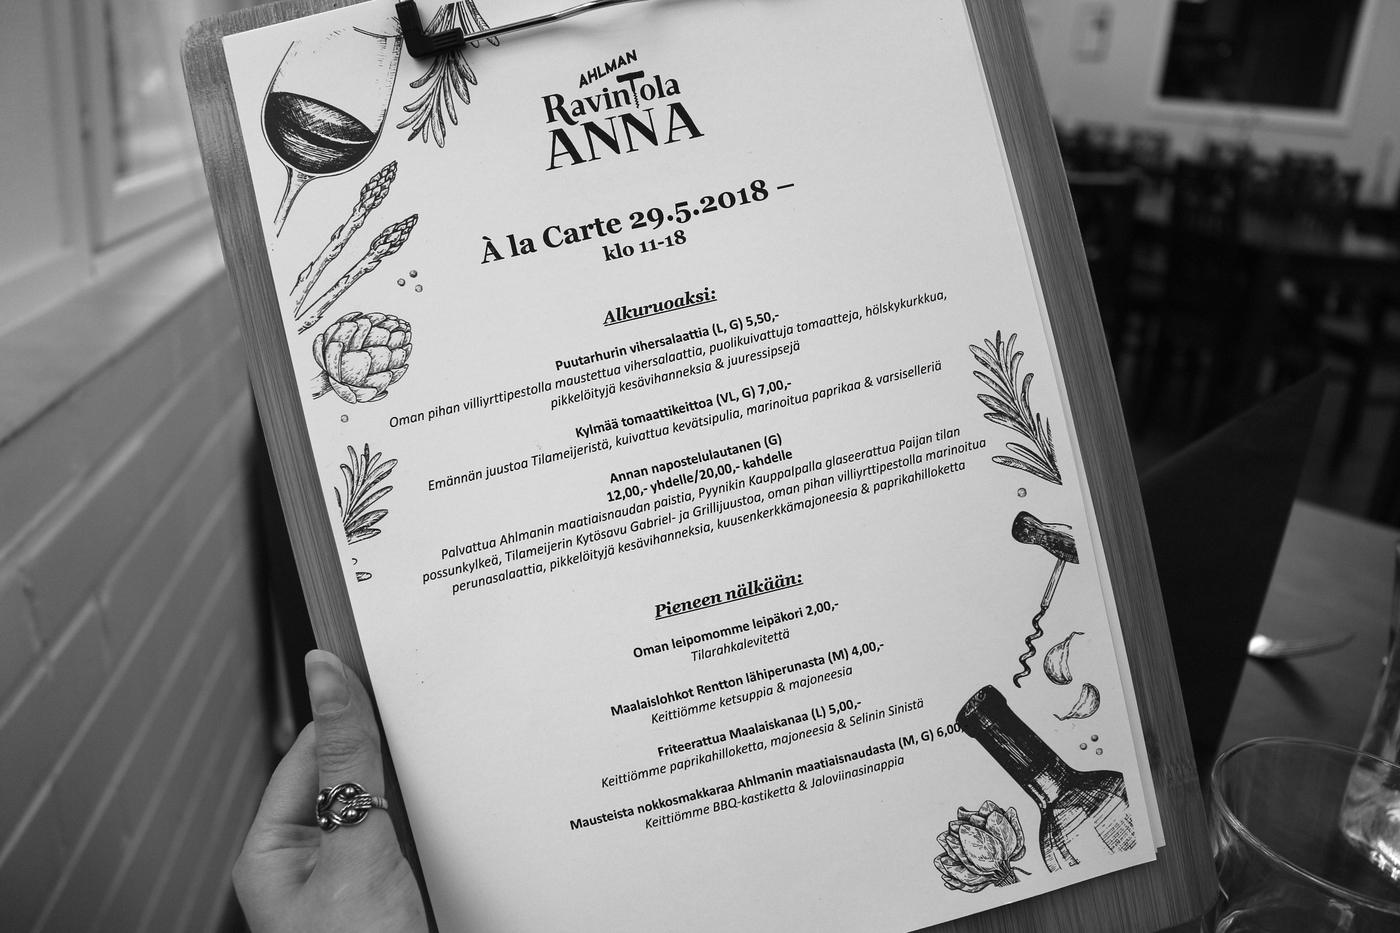 Ahlmanin Ravintola Anna